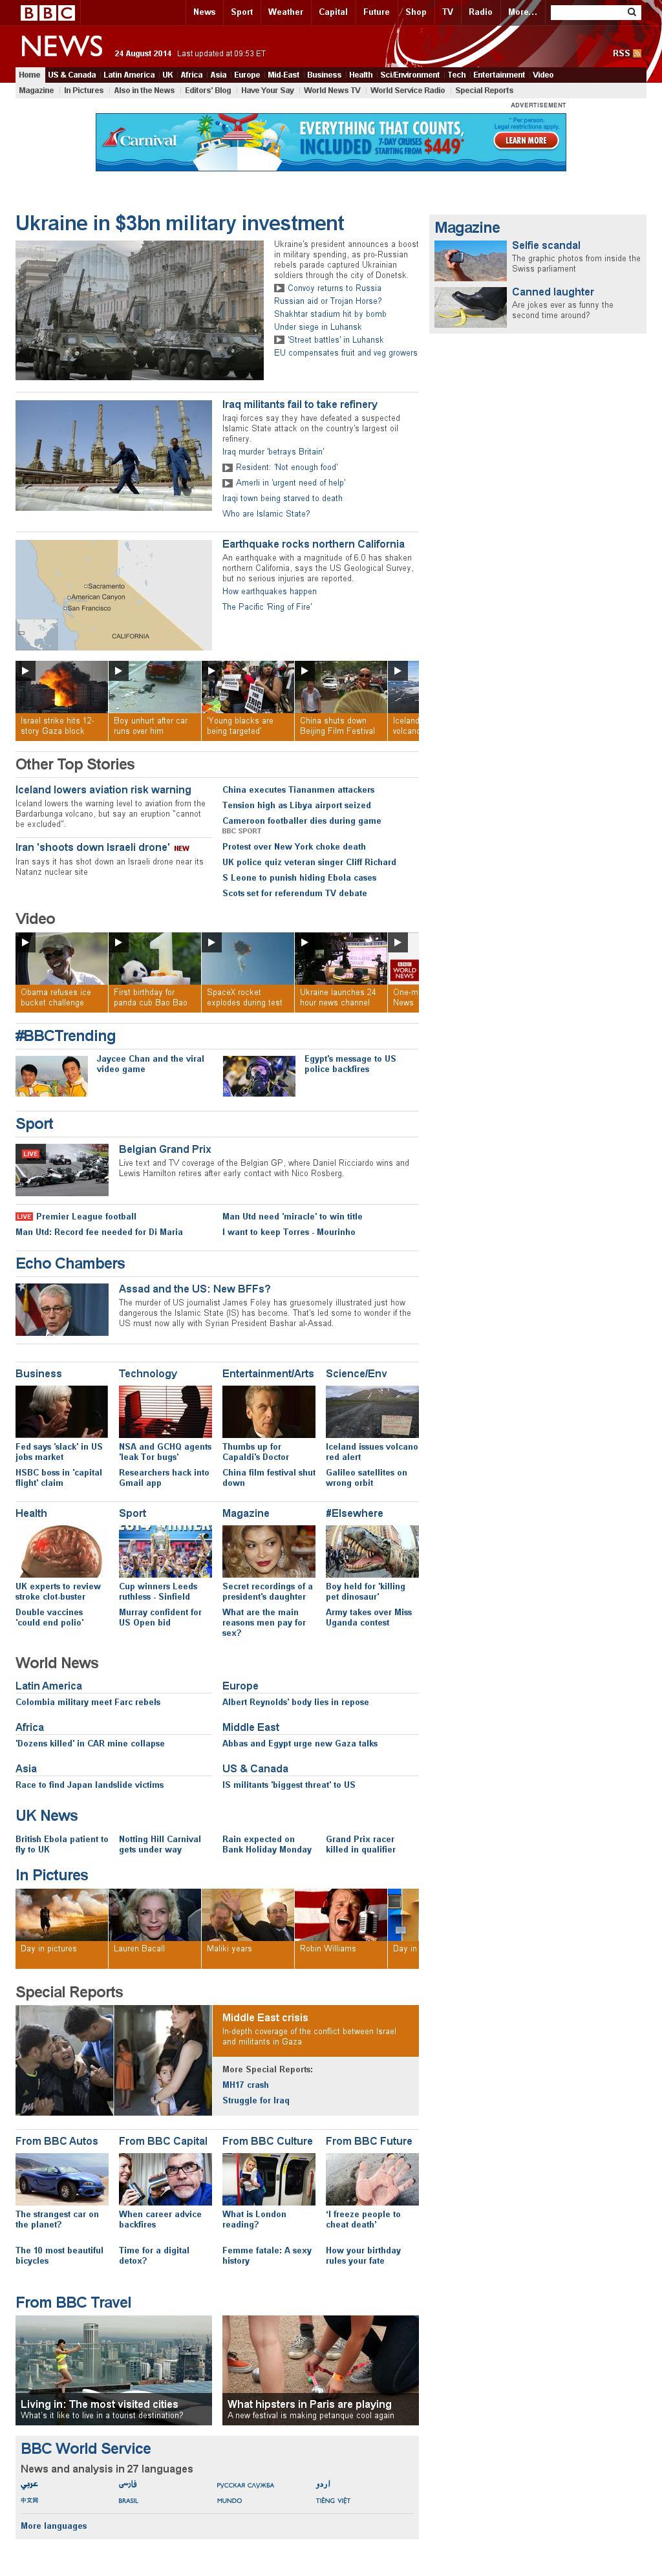 BBC at Sunday Aug. 24, 2014, 2:01 p.m. UTC